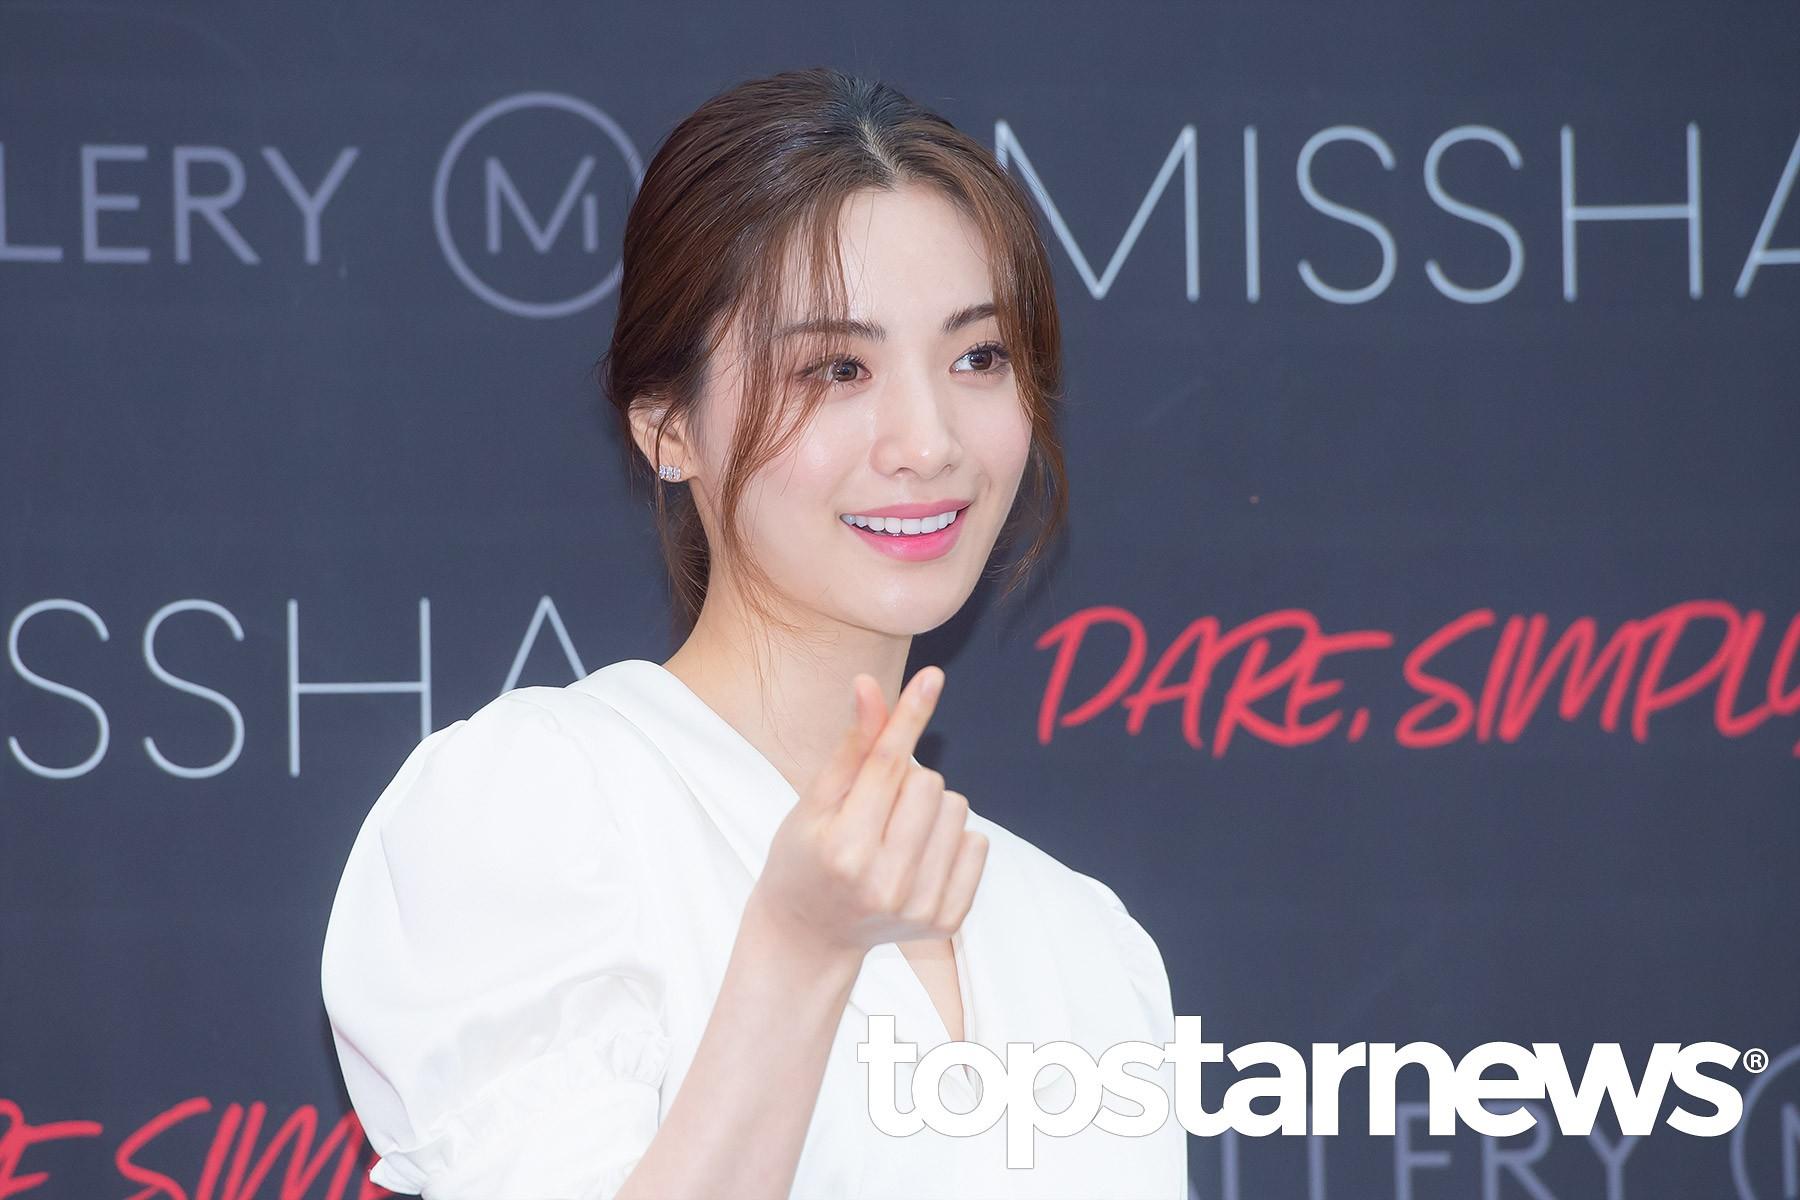 Son Ye Jin chiếm hết spotlight, nhưng mỹ nhân 2 lần đứng đầu top 100 gương mặt đẹp nhất thế giới còn xuất sắc hơn - Ảnh 14.